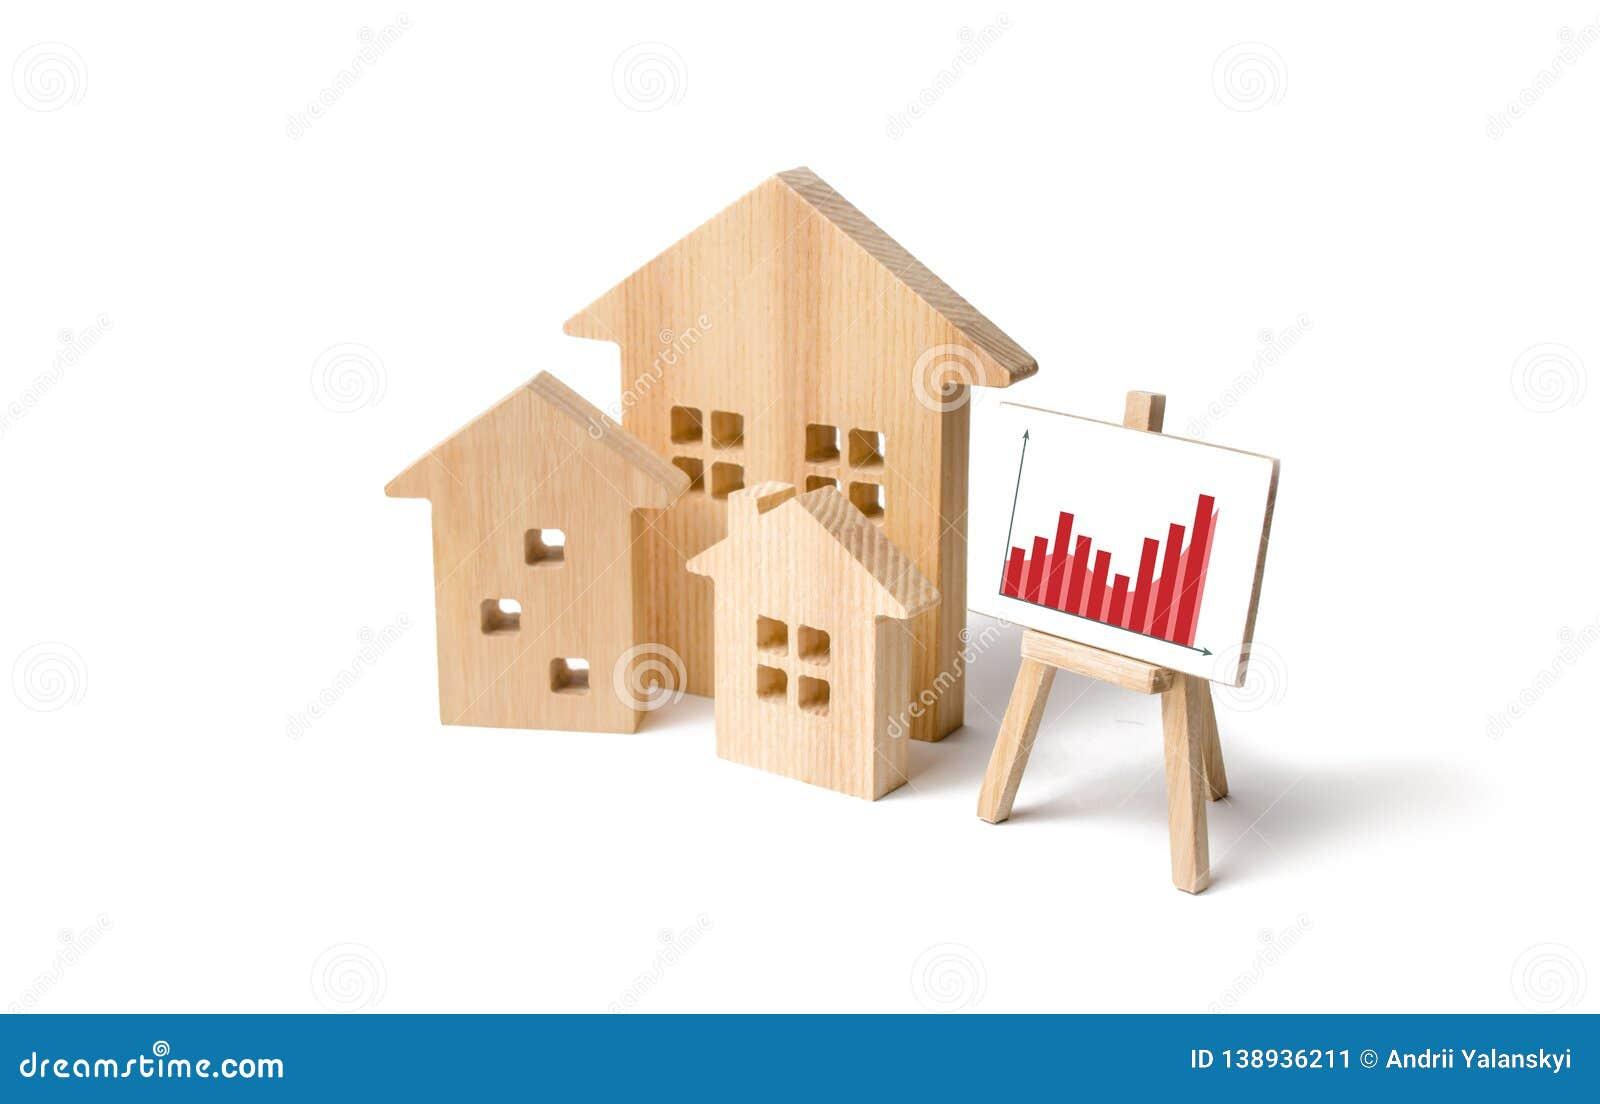 Casas de madeira com um suporte dos gráficos e da informação Aumento da procura para o abrigo e bens imobiliários Crescimento da